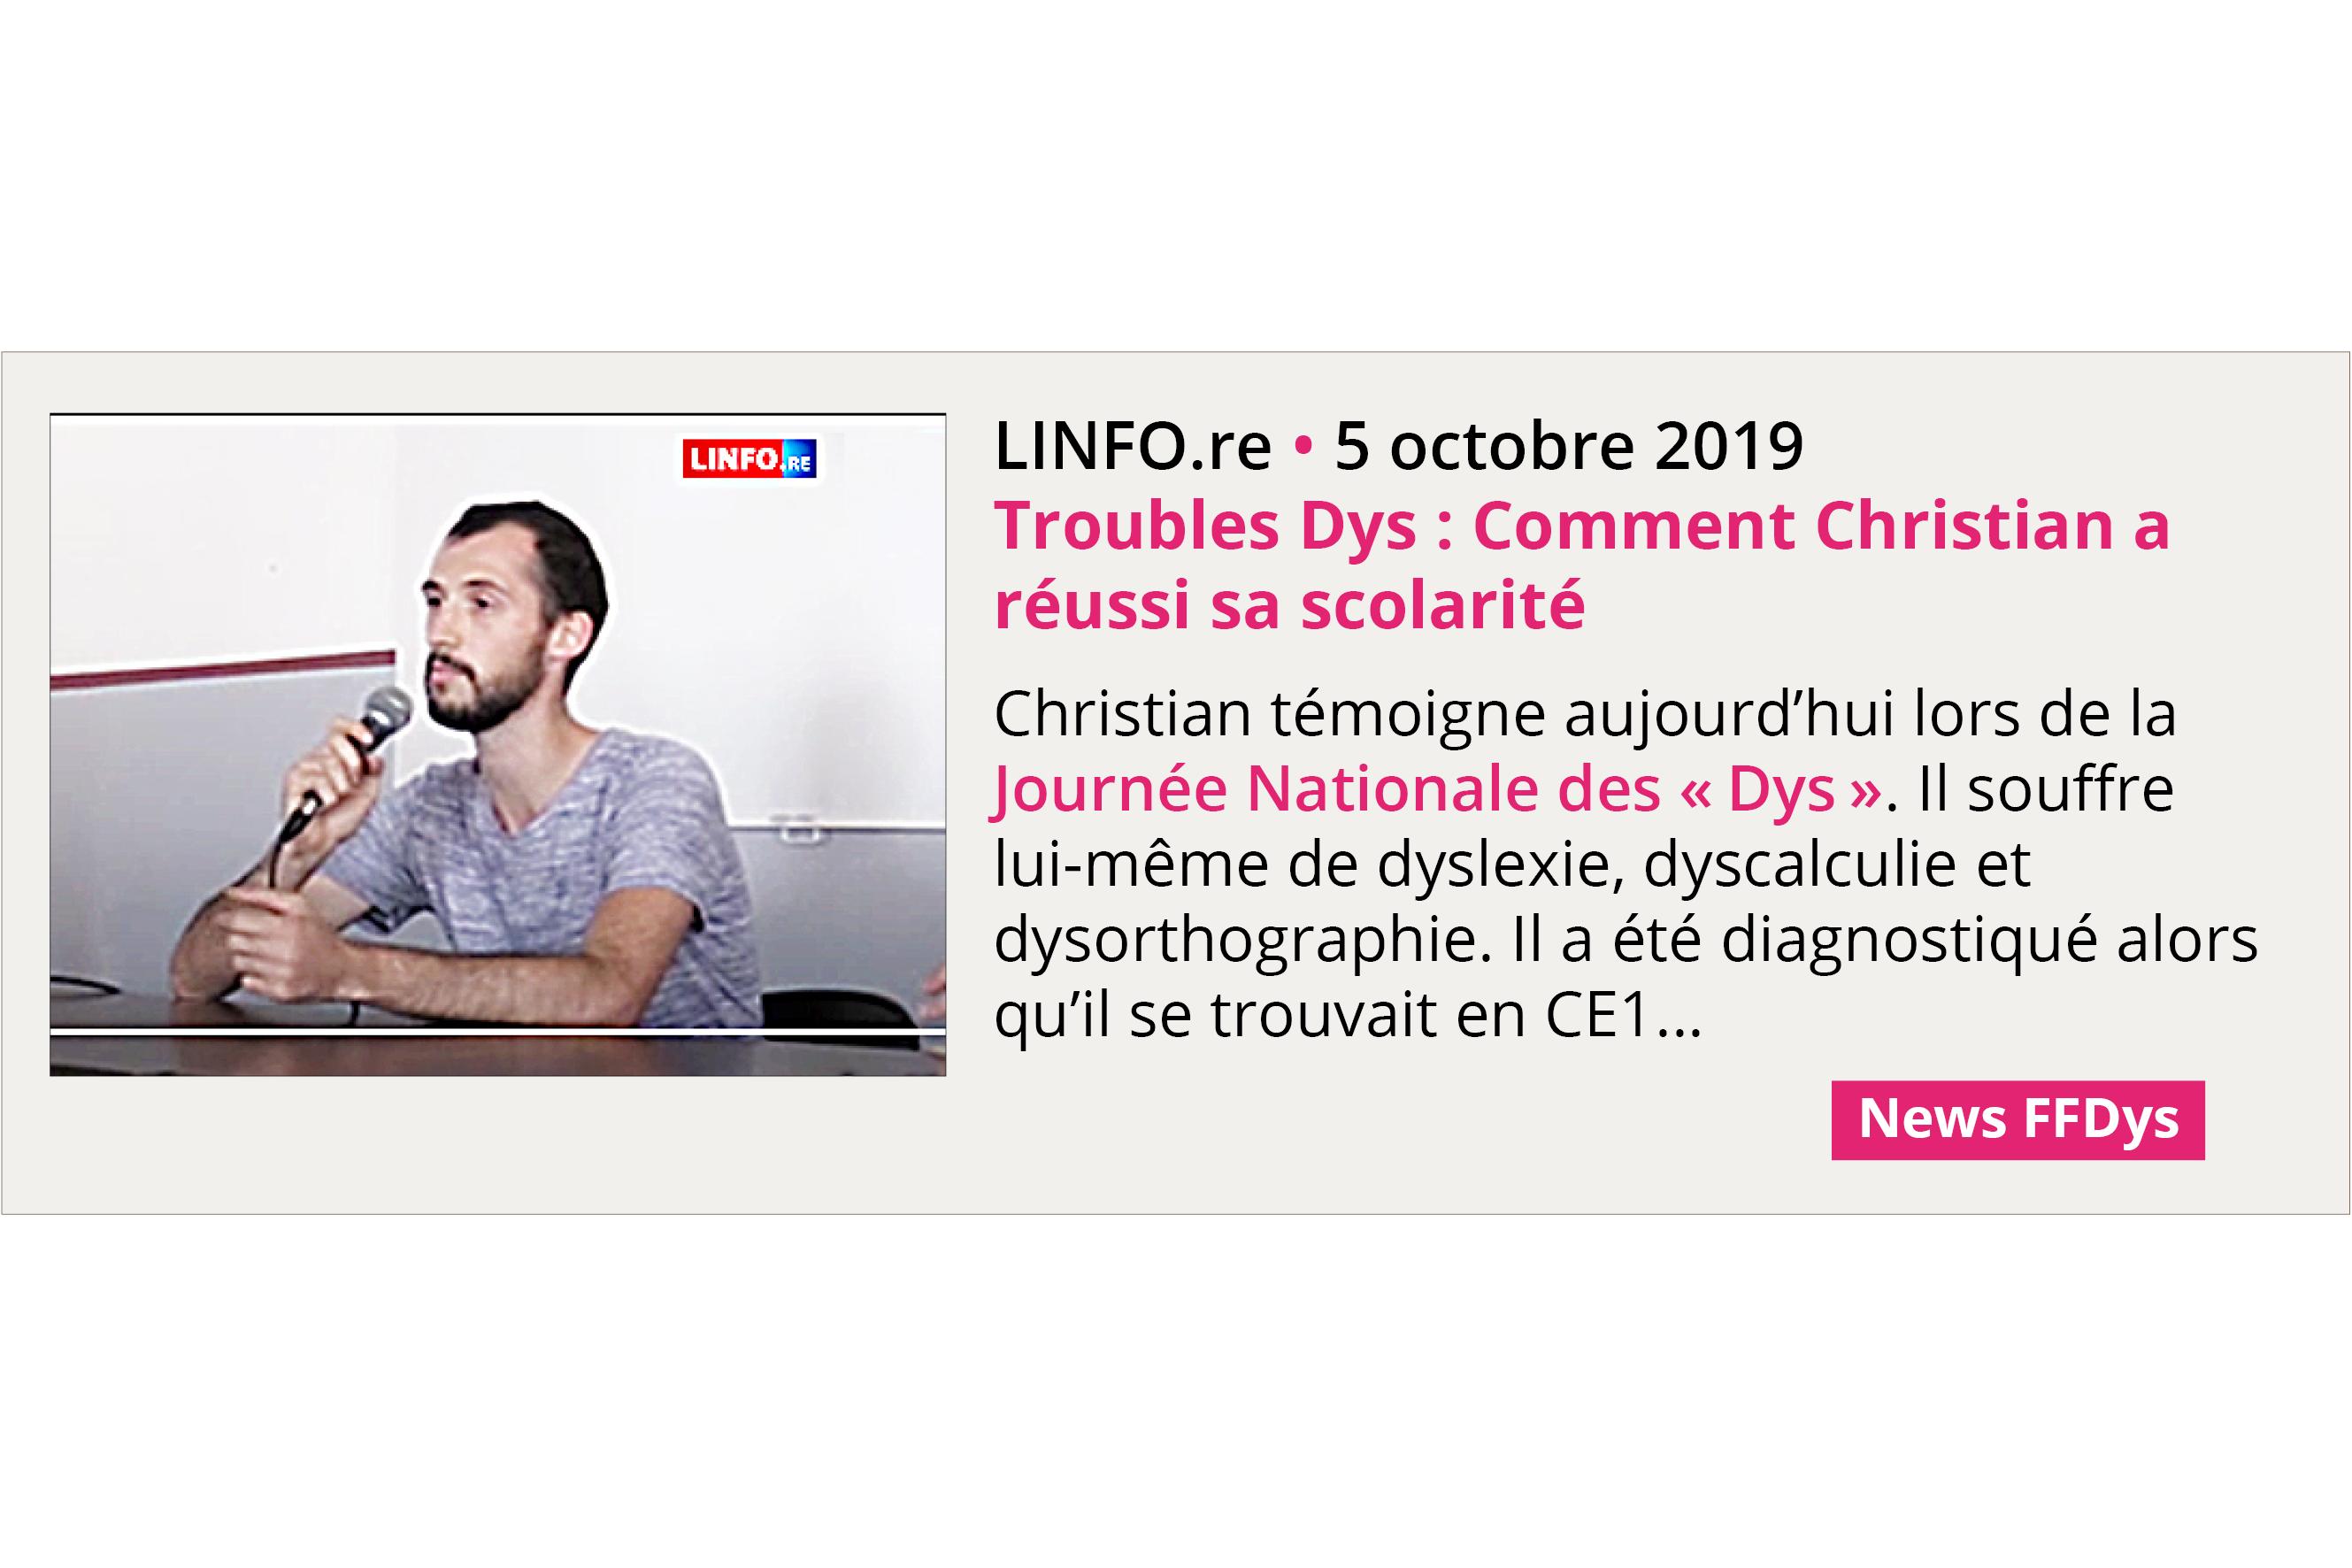 Troubles Dys : Comment Christian a réussi sa scolarité - LINFO.re